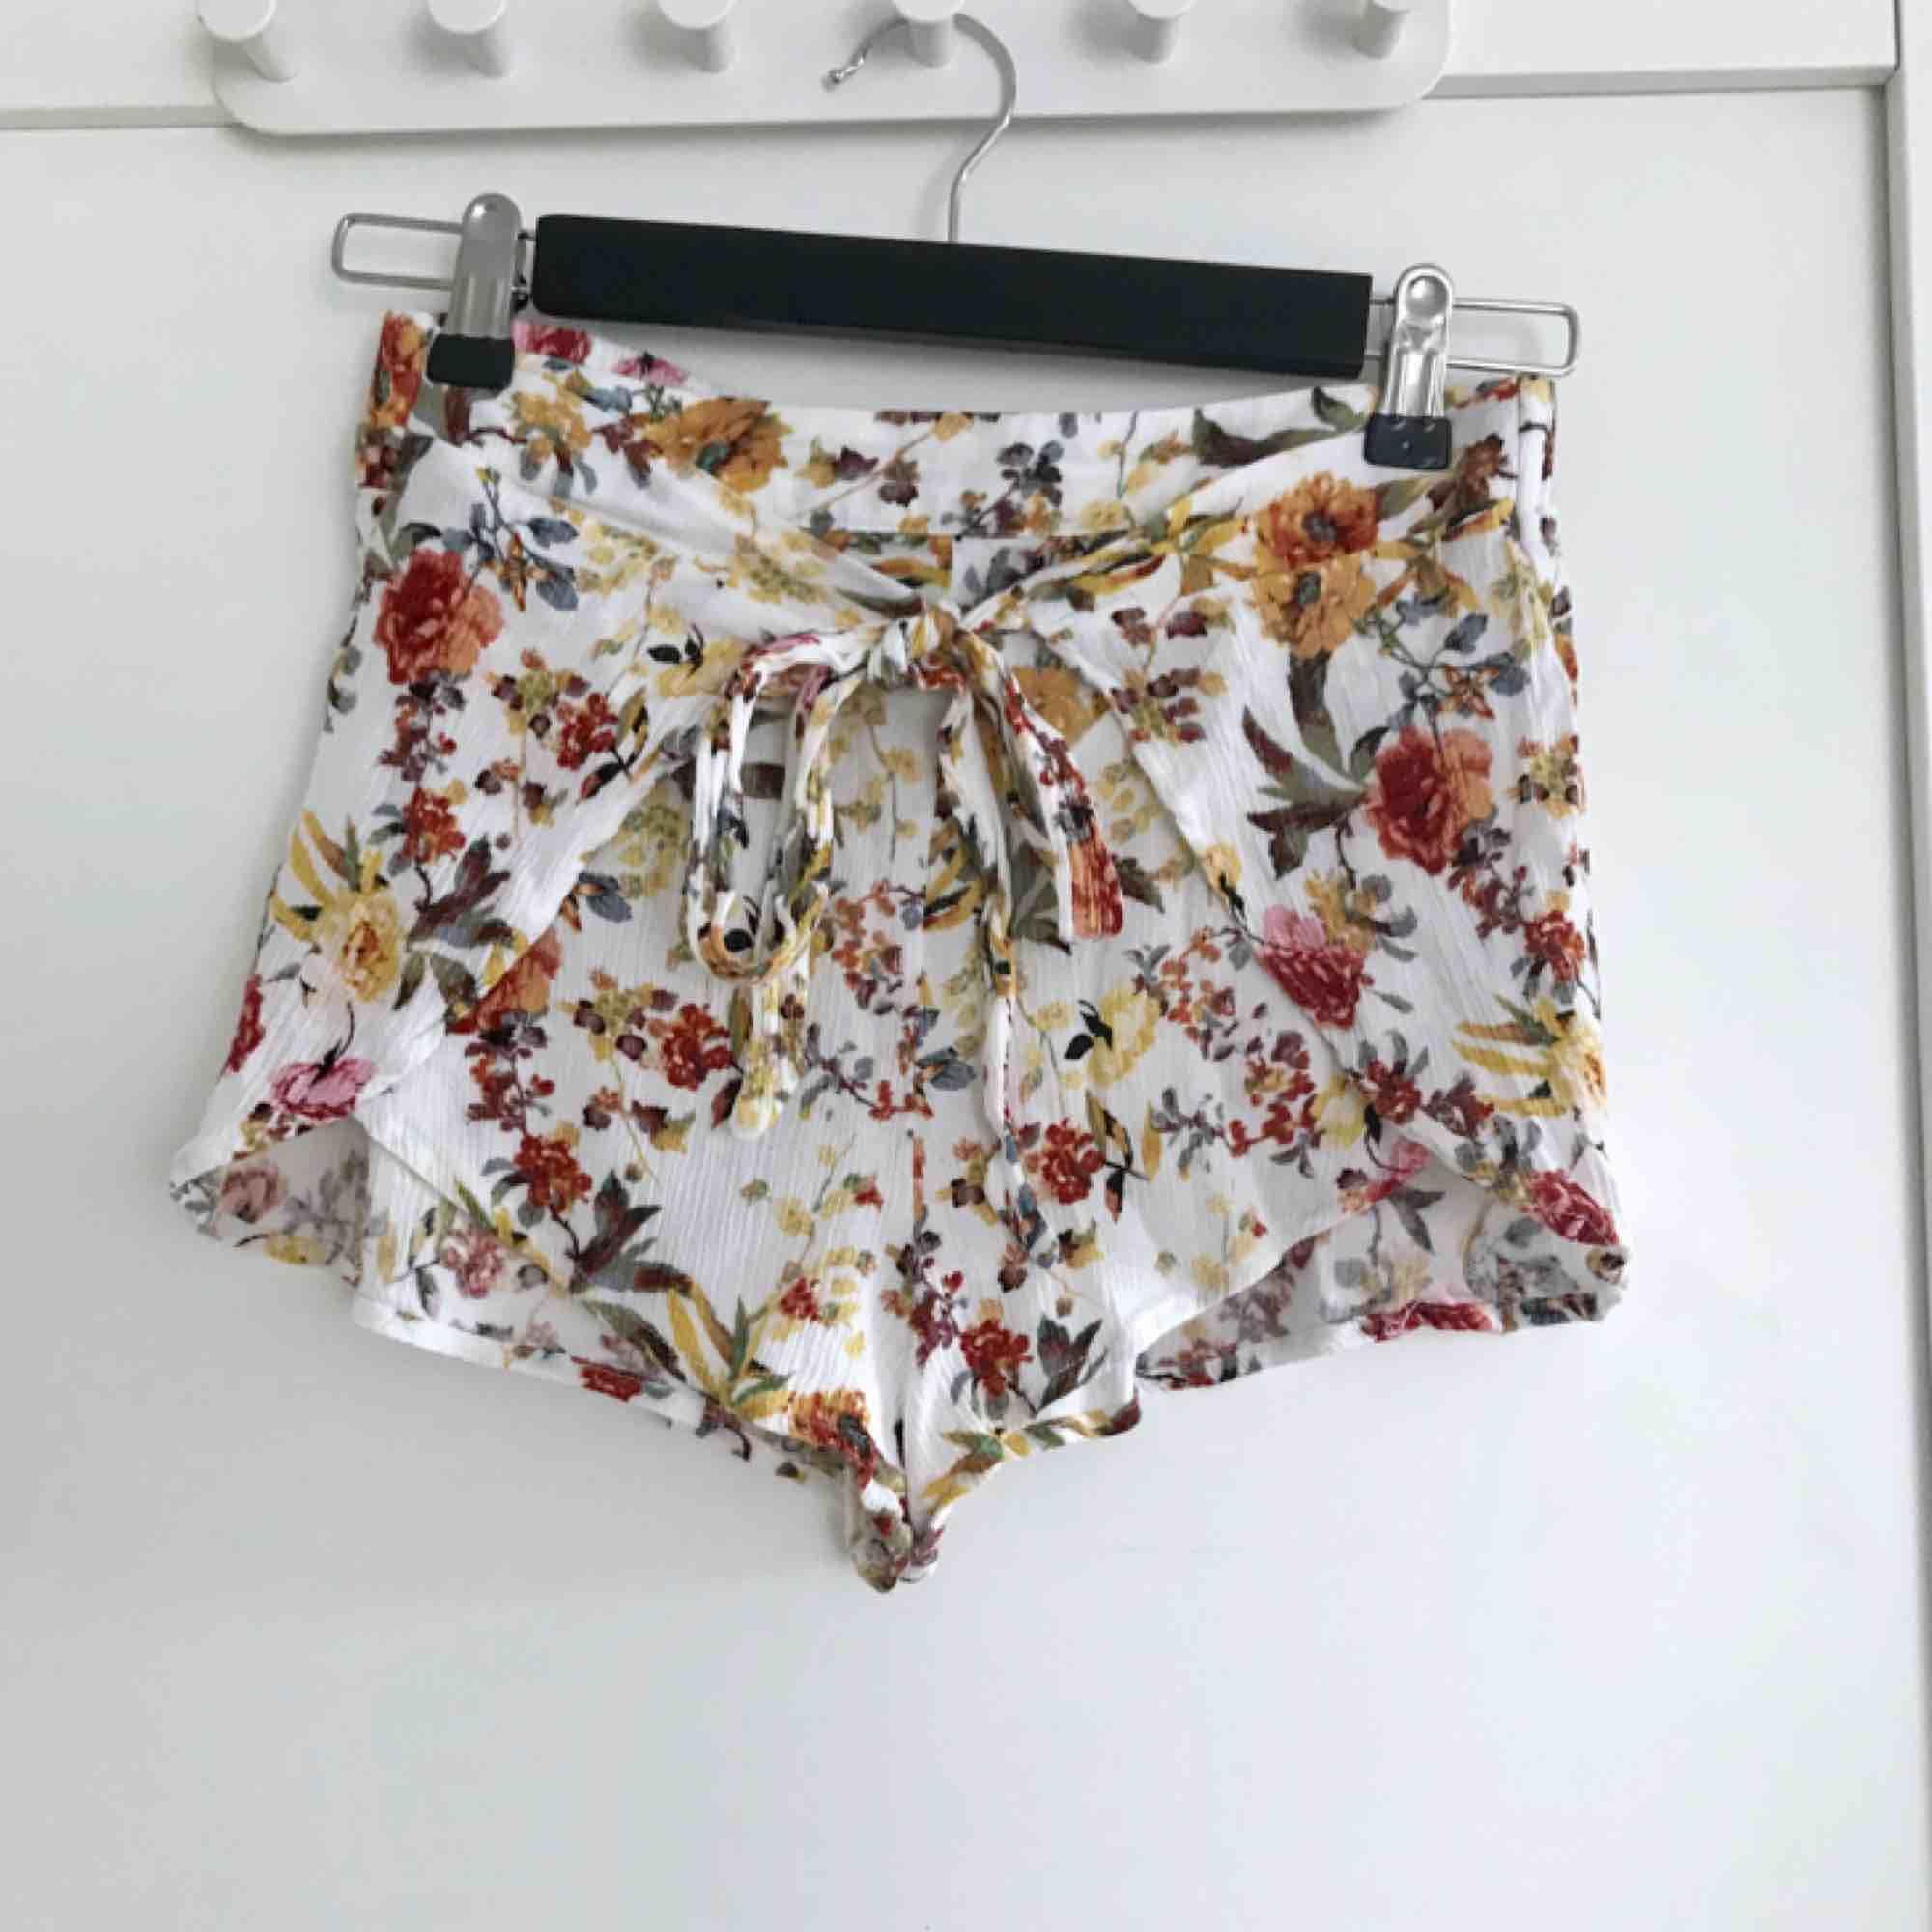 Söta blommiga shorts från Pull & Bear. Perfekta nu till sommaren. Står storlek S, men skulle även passa XS. Säljer ett par likadana fast gröna i en storlek mindre.🌺. Shorts.